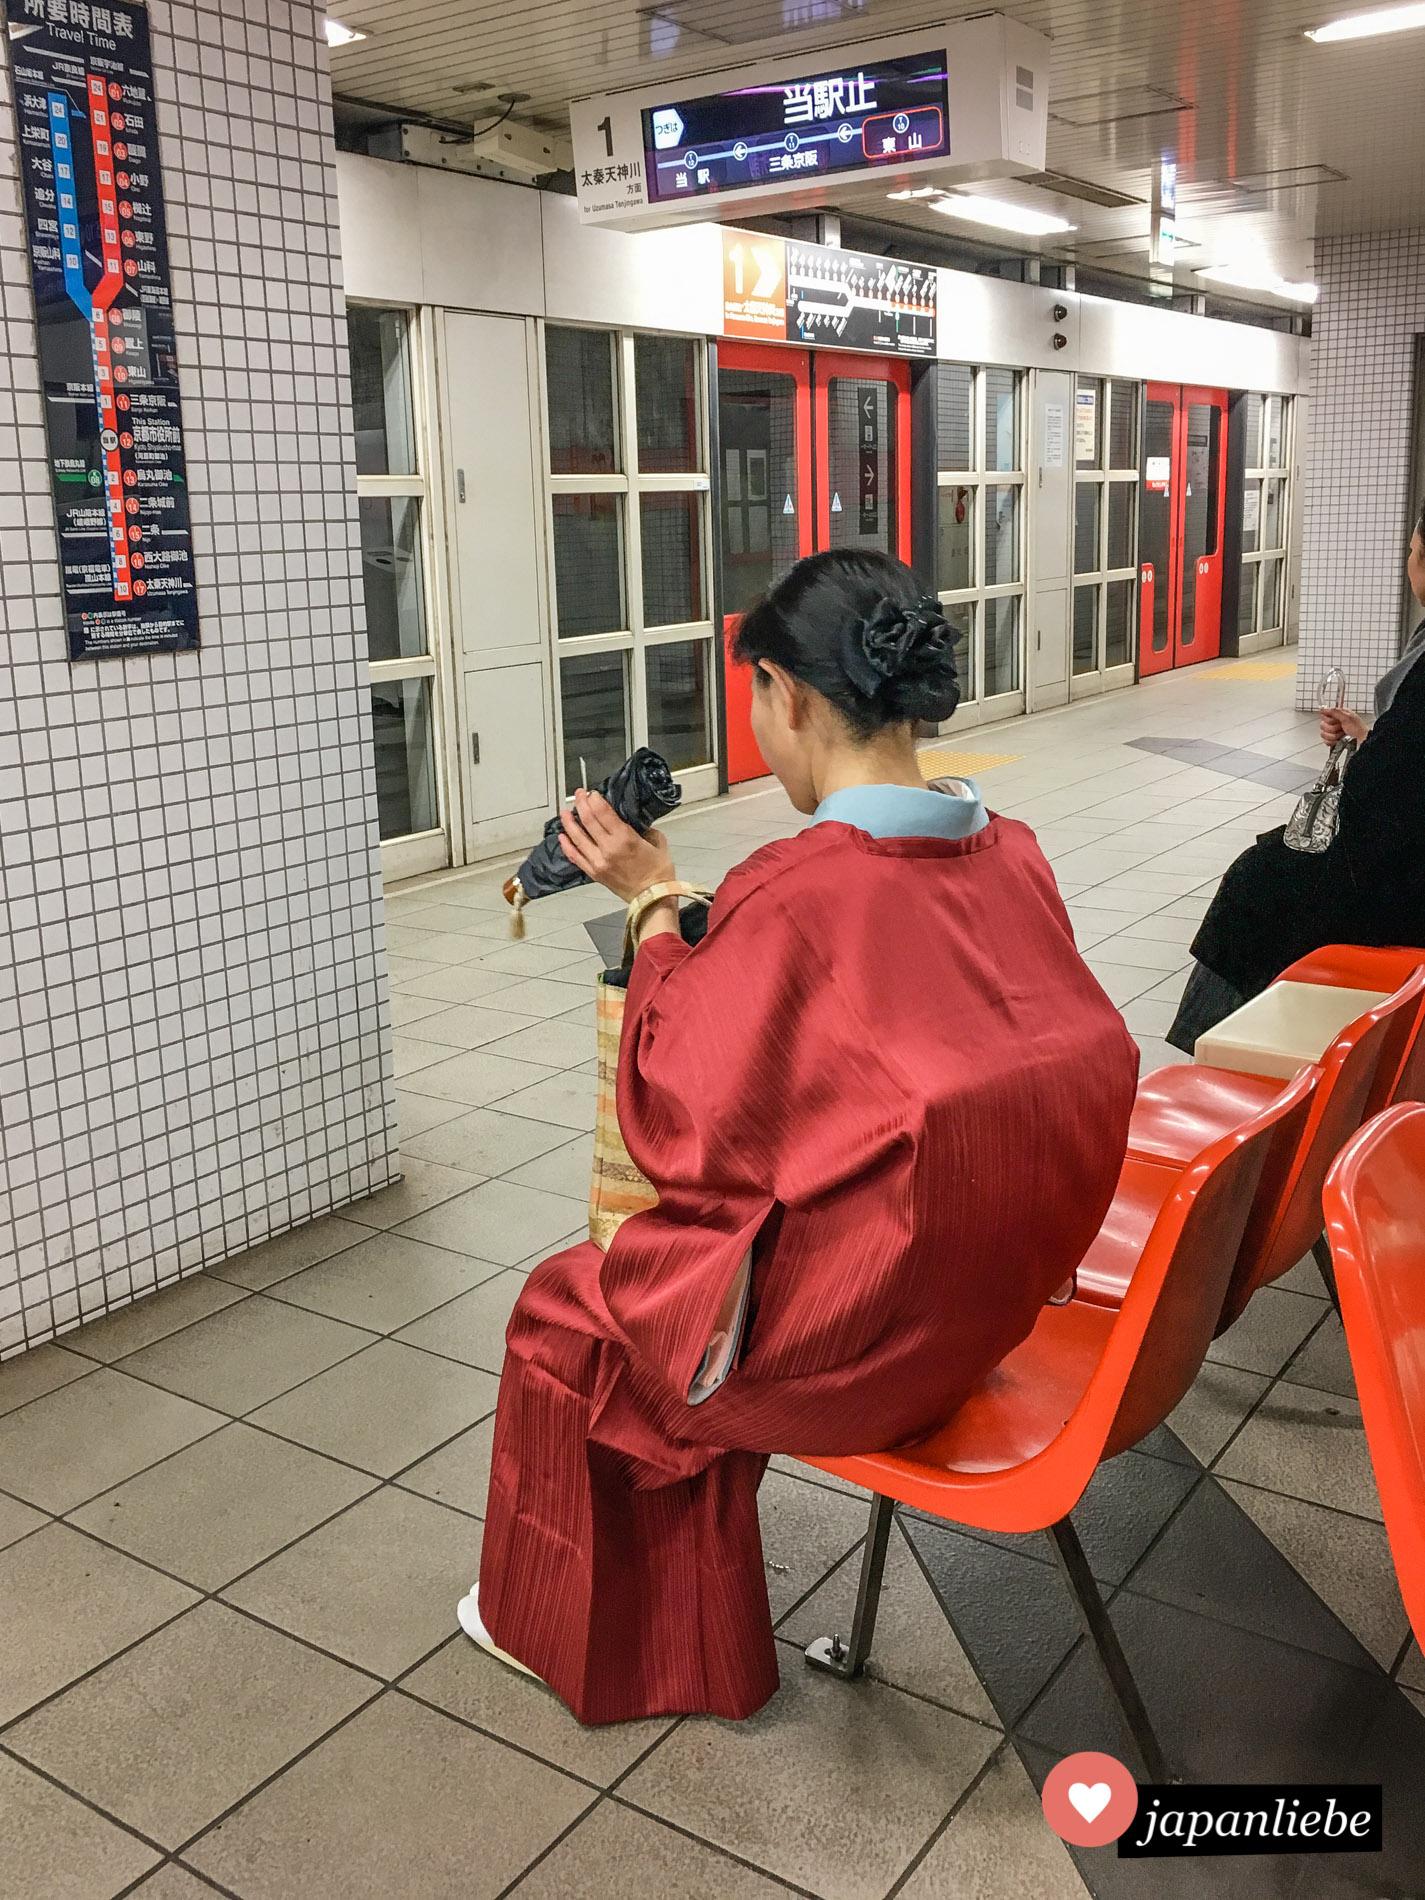 Eine Frau im Kimono wartet auf die U-Bahn.